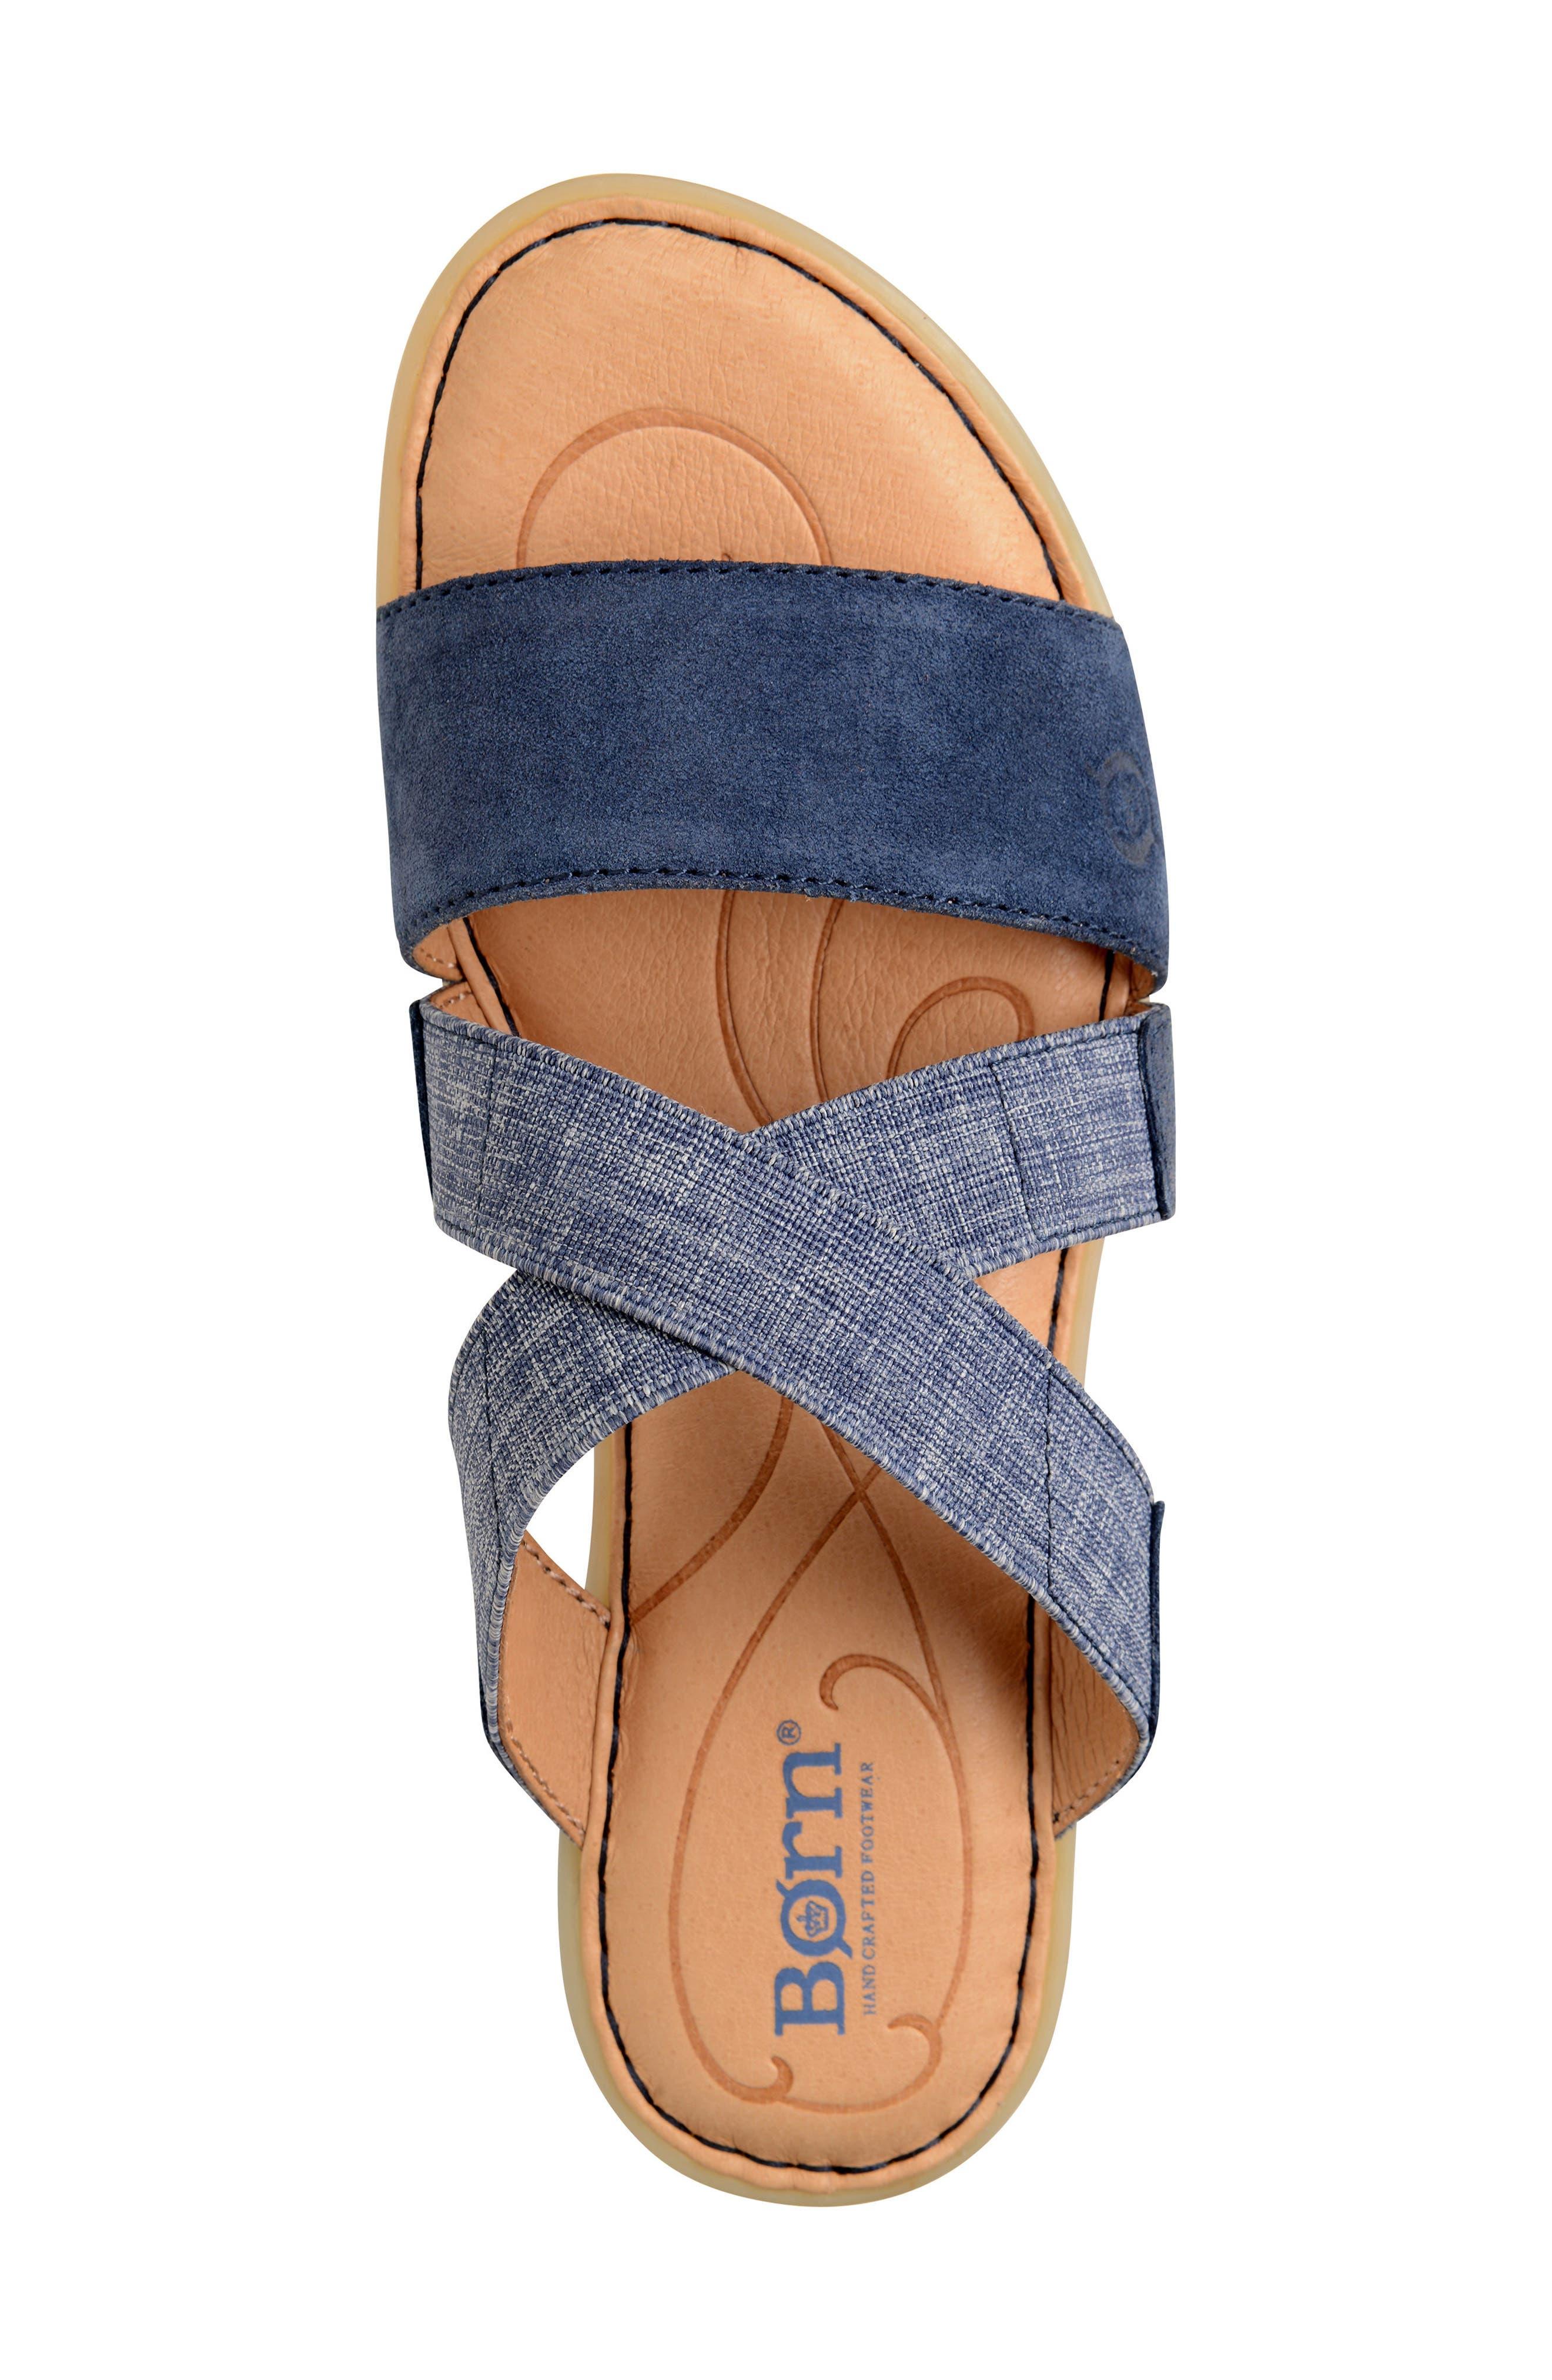 Tidore Slide Sandal,                             Alternate thumbnail 12, color,